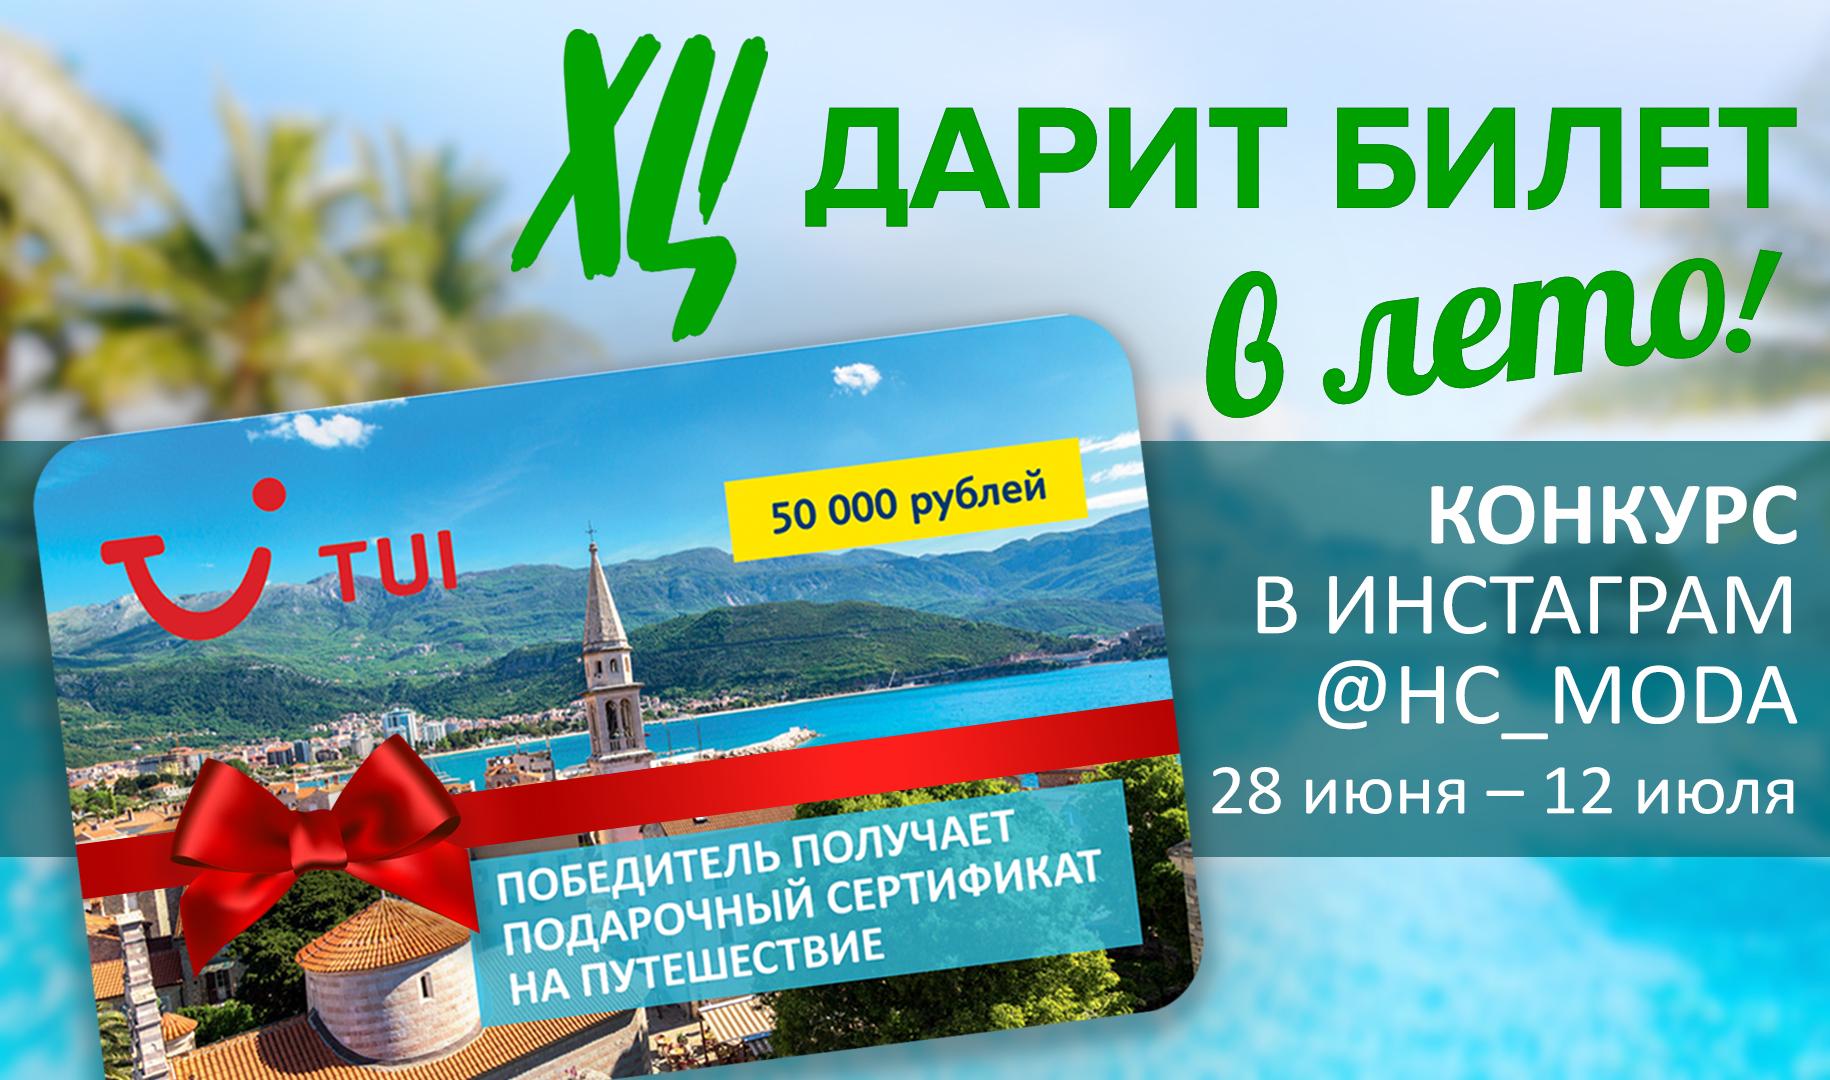 ХЦ дарит билет в лето!